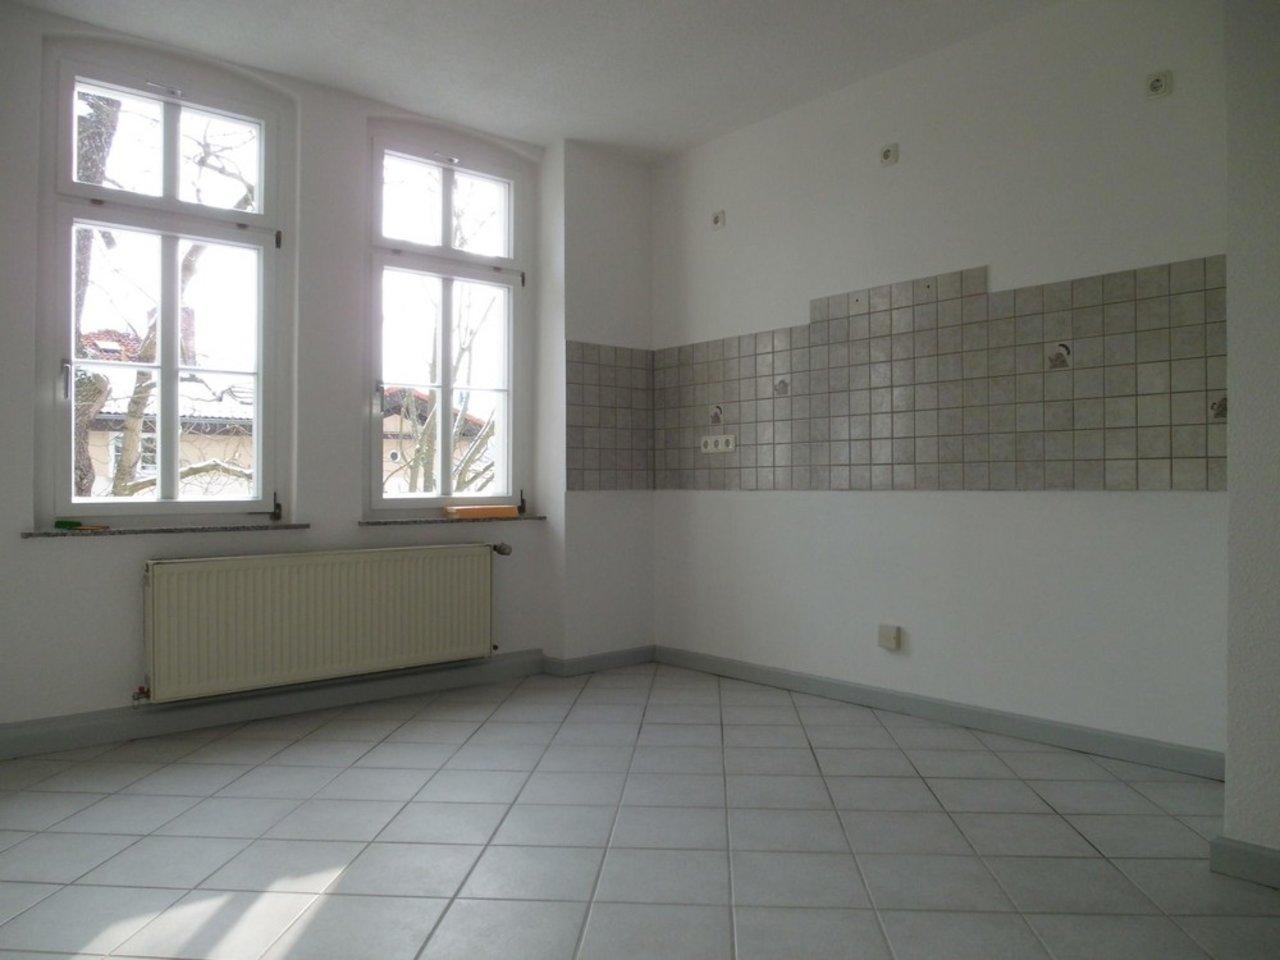 Reizvolle, großzügige DG-Wohnung mit viel Raum und individueller Gestaltung-Küche